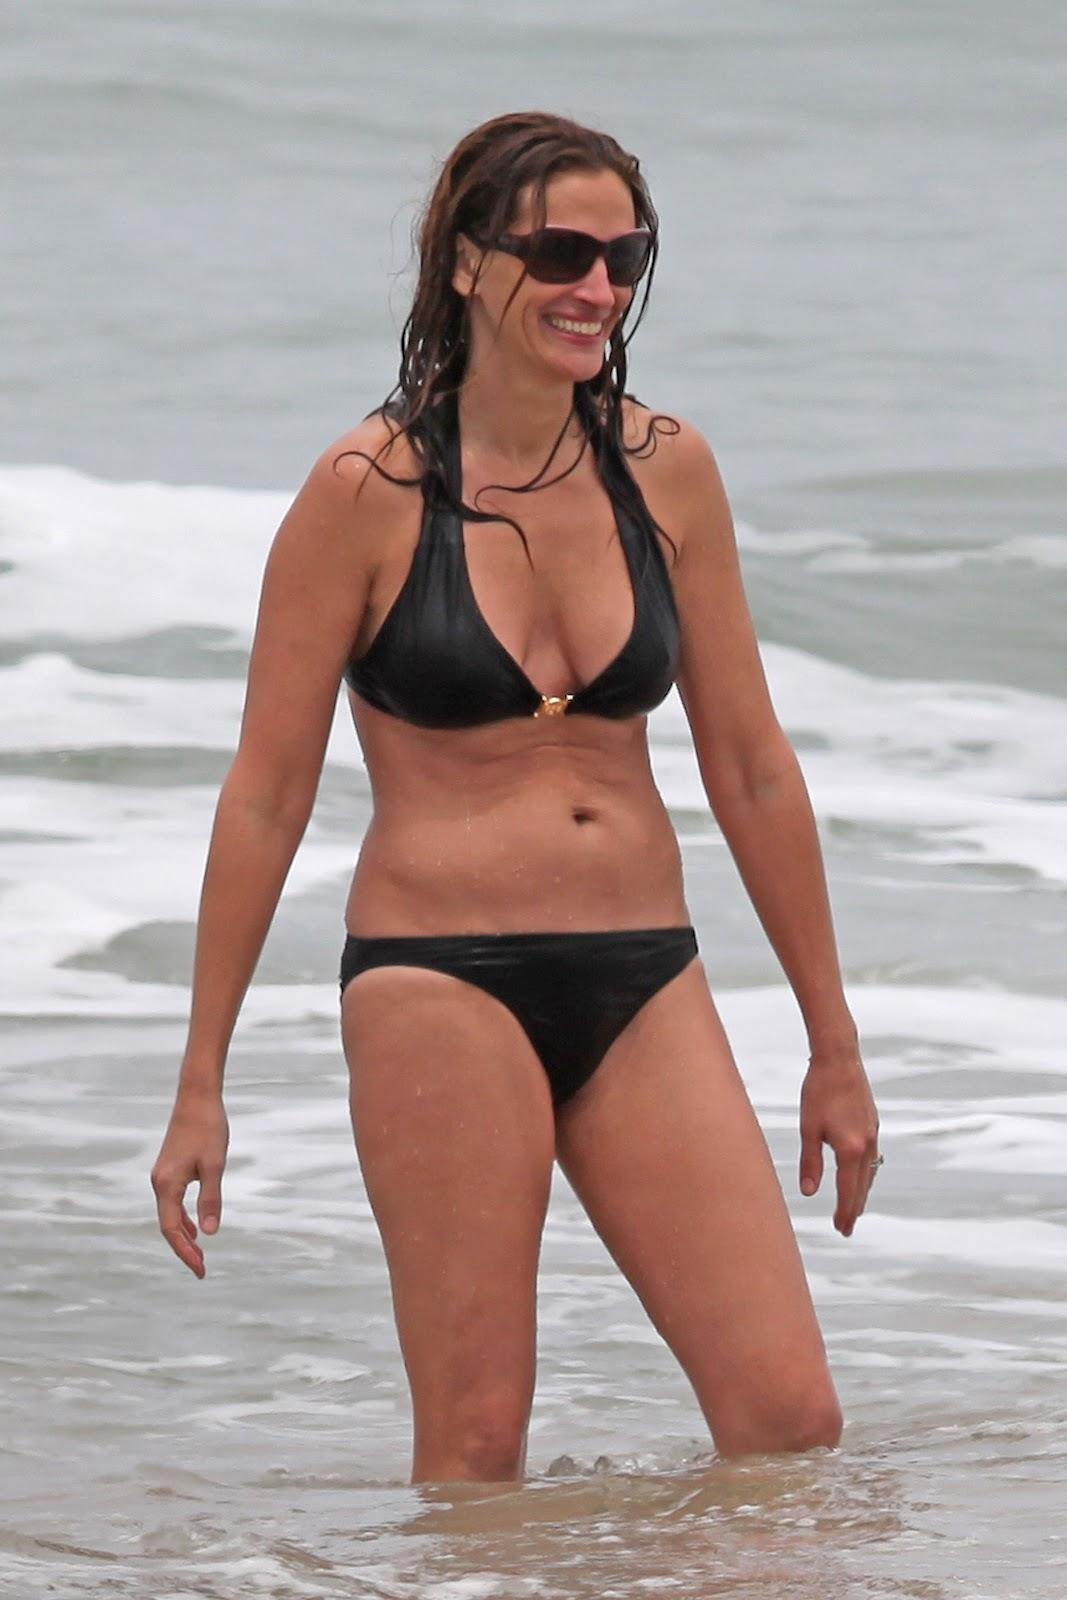 http://2.bp.blogspot.com/-E18O_AOHspo/T8DtMEBZ_II/AAAAAAAAHIo/NDB-c9Sw4jE/s1600/+Julia+Roberts+-+Bikini+candids+Hawaii+%252816%2529.jpg